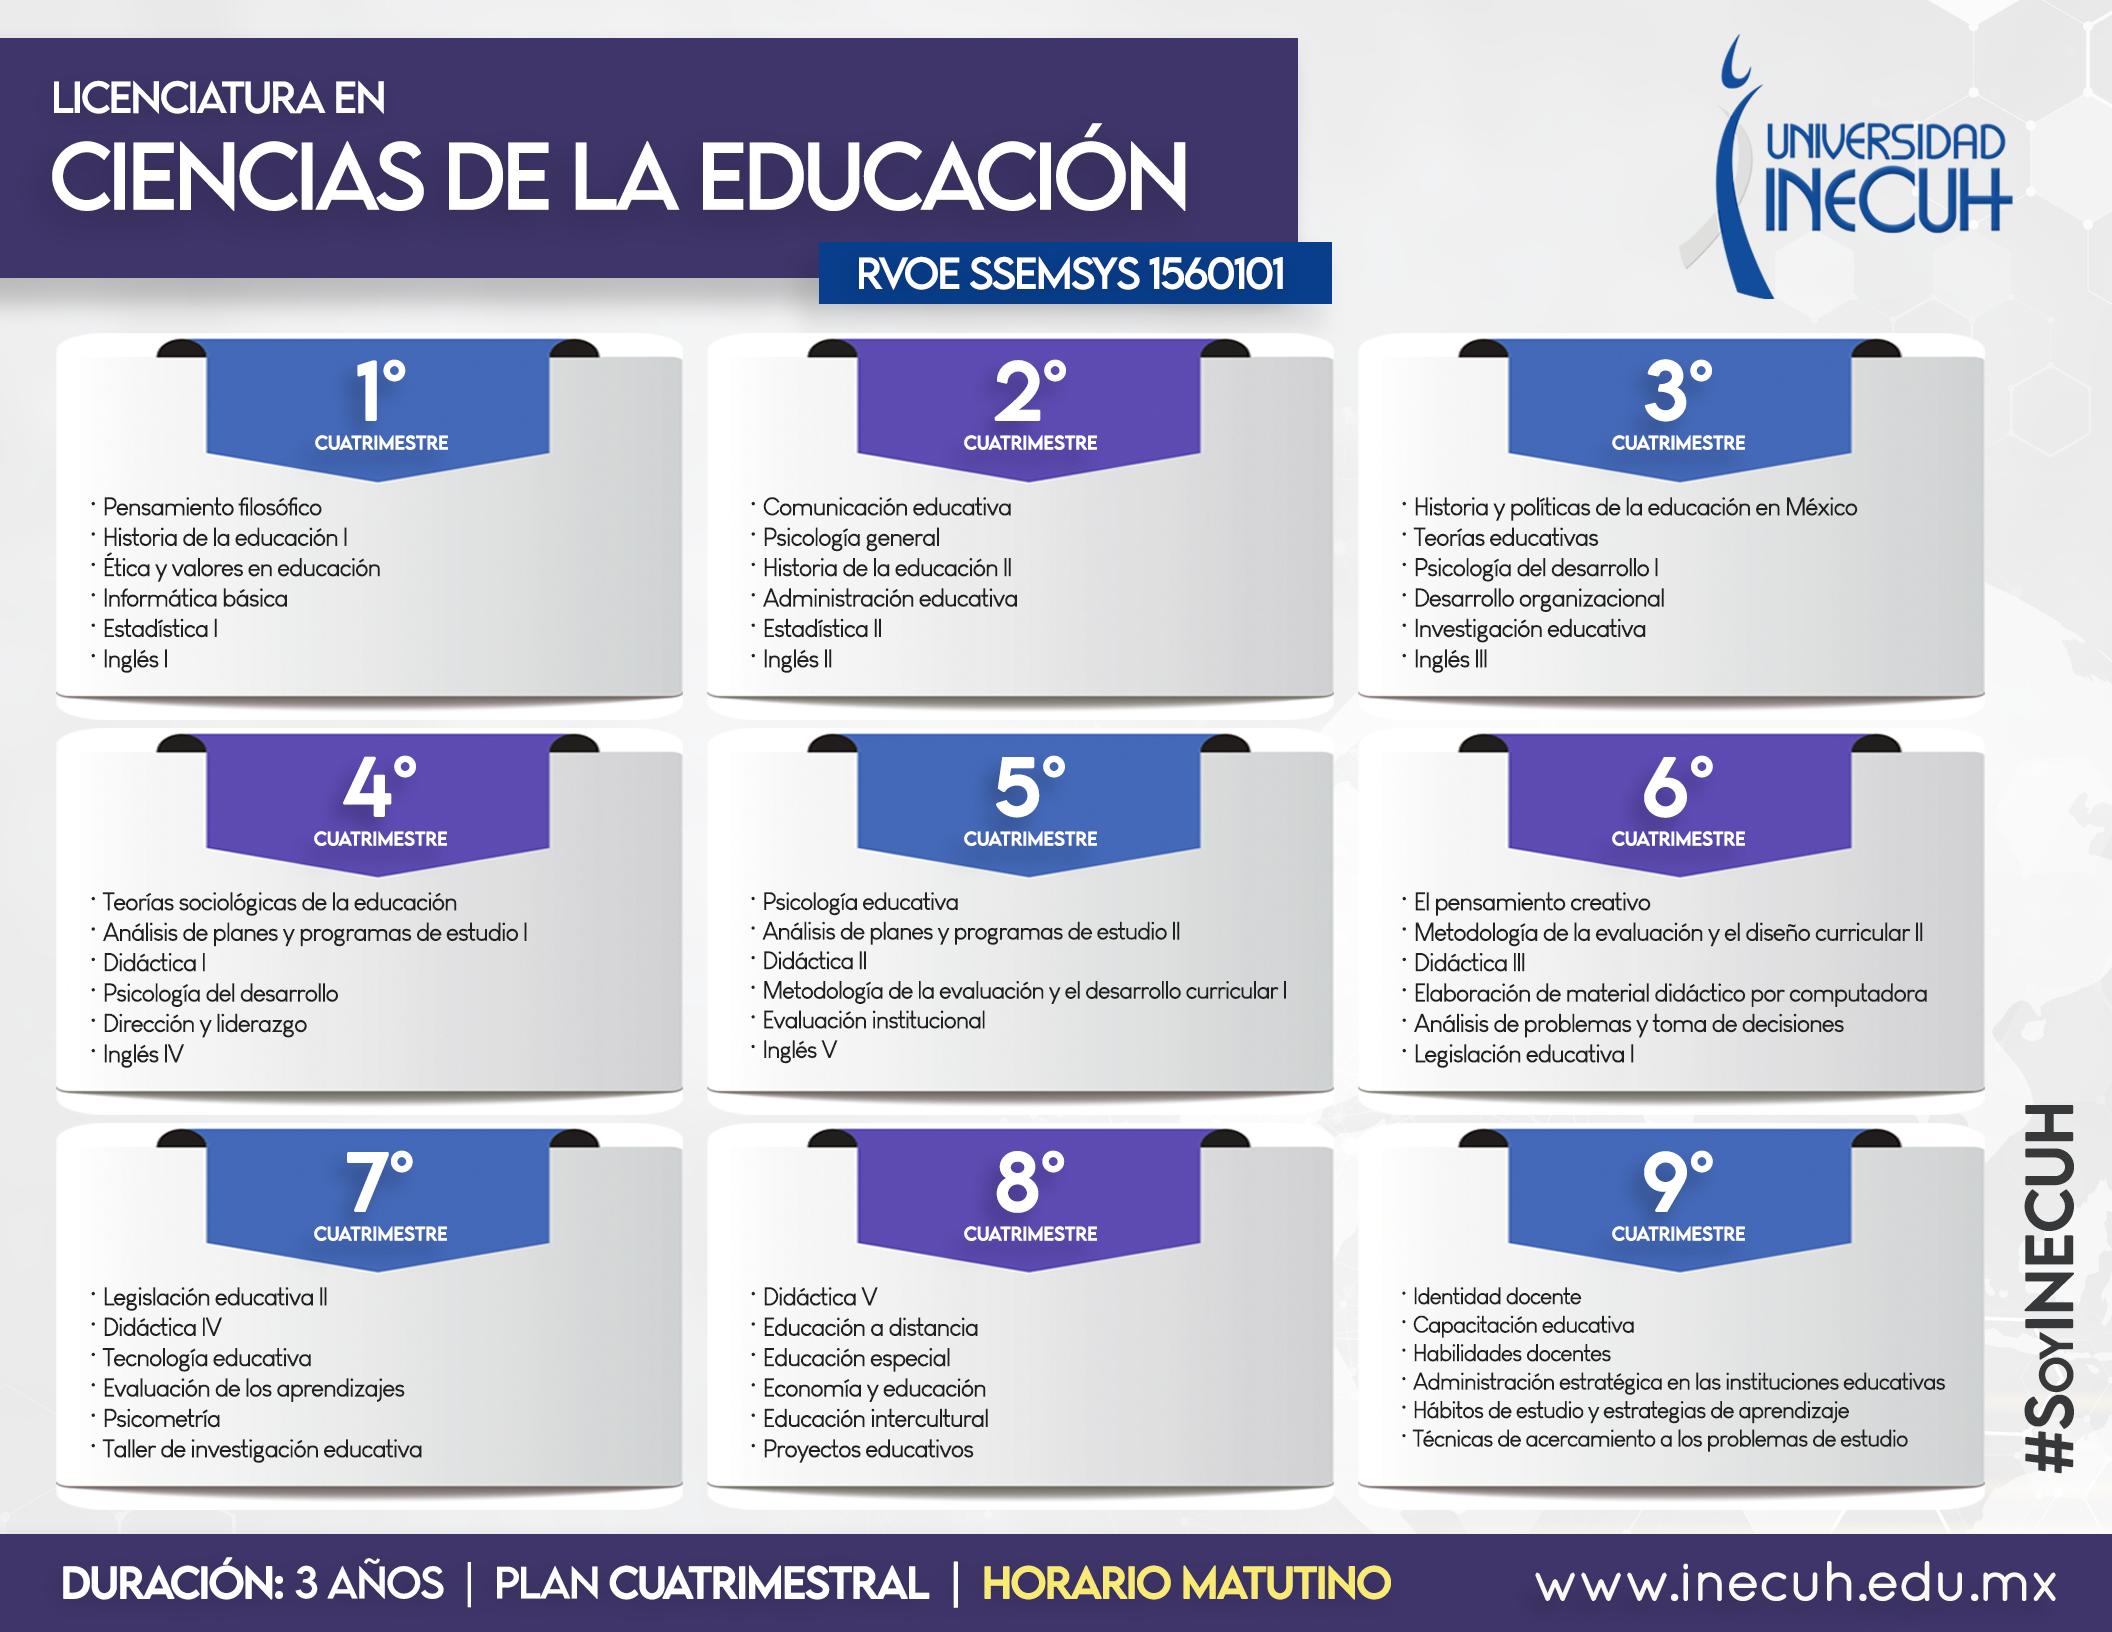 Ciencias de la Educación RVOE No. 1560101